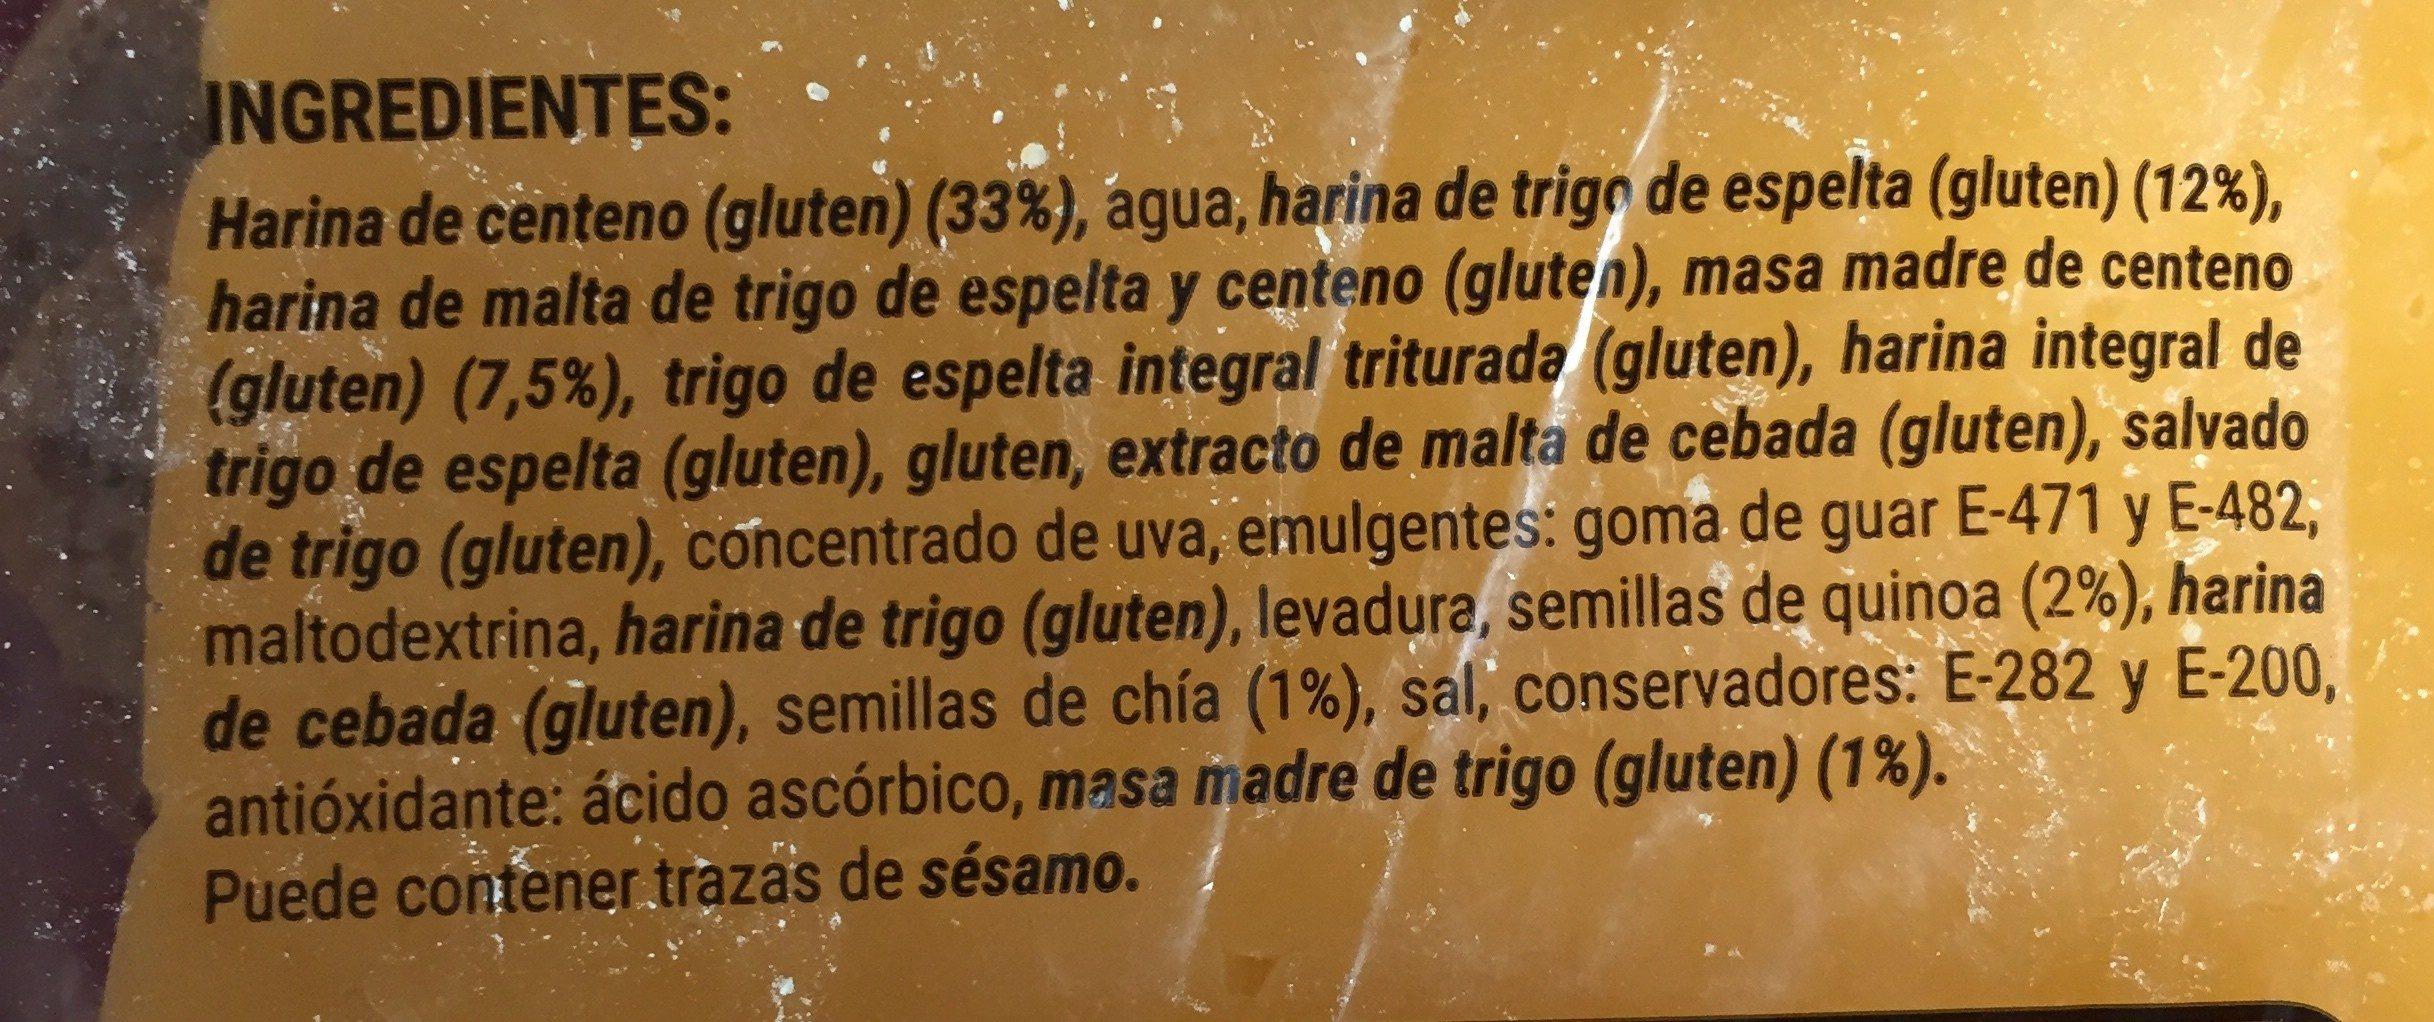 Hogaza de centeno y trigo de espelta - Ingrédients